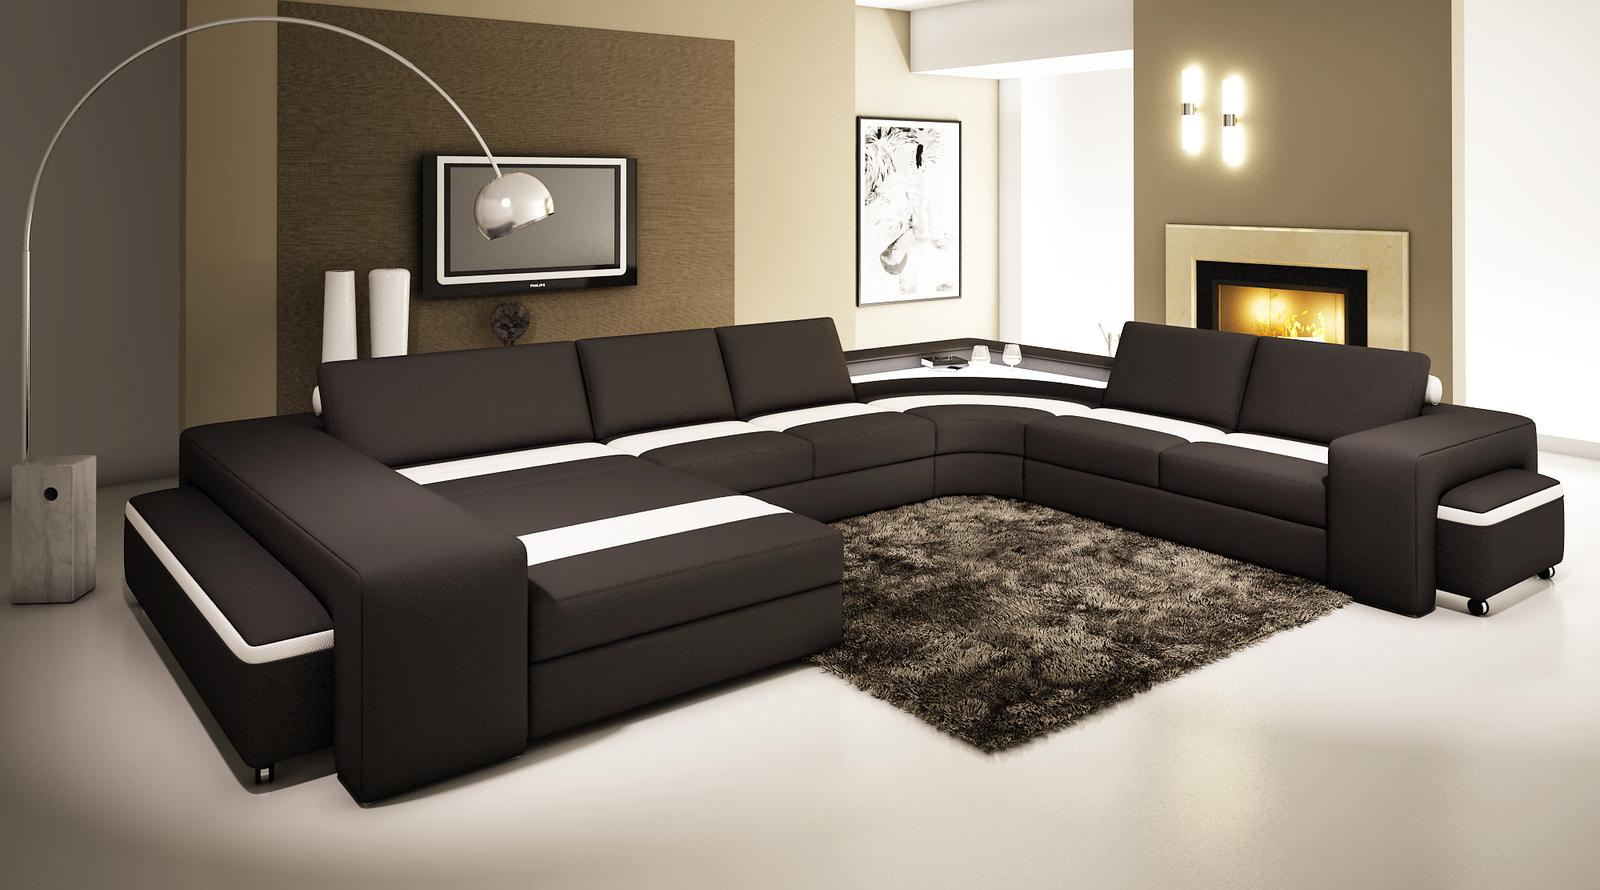 Entretien Canapé Cuir Buffle un canapé en cuir pour une décoration moderne